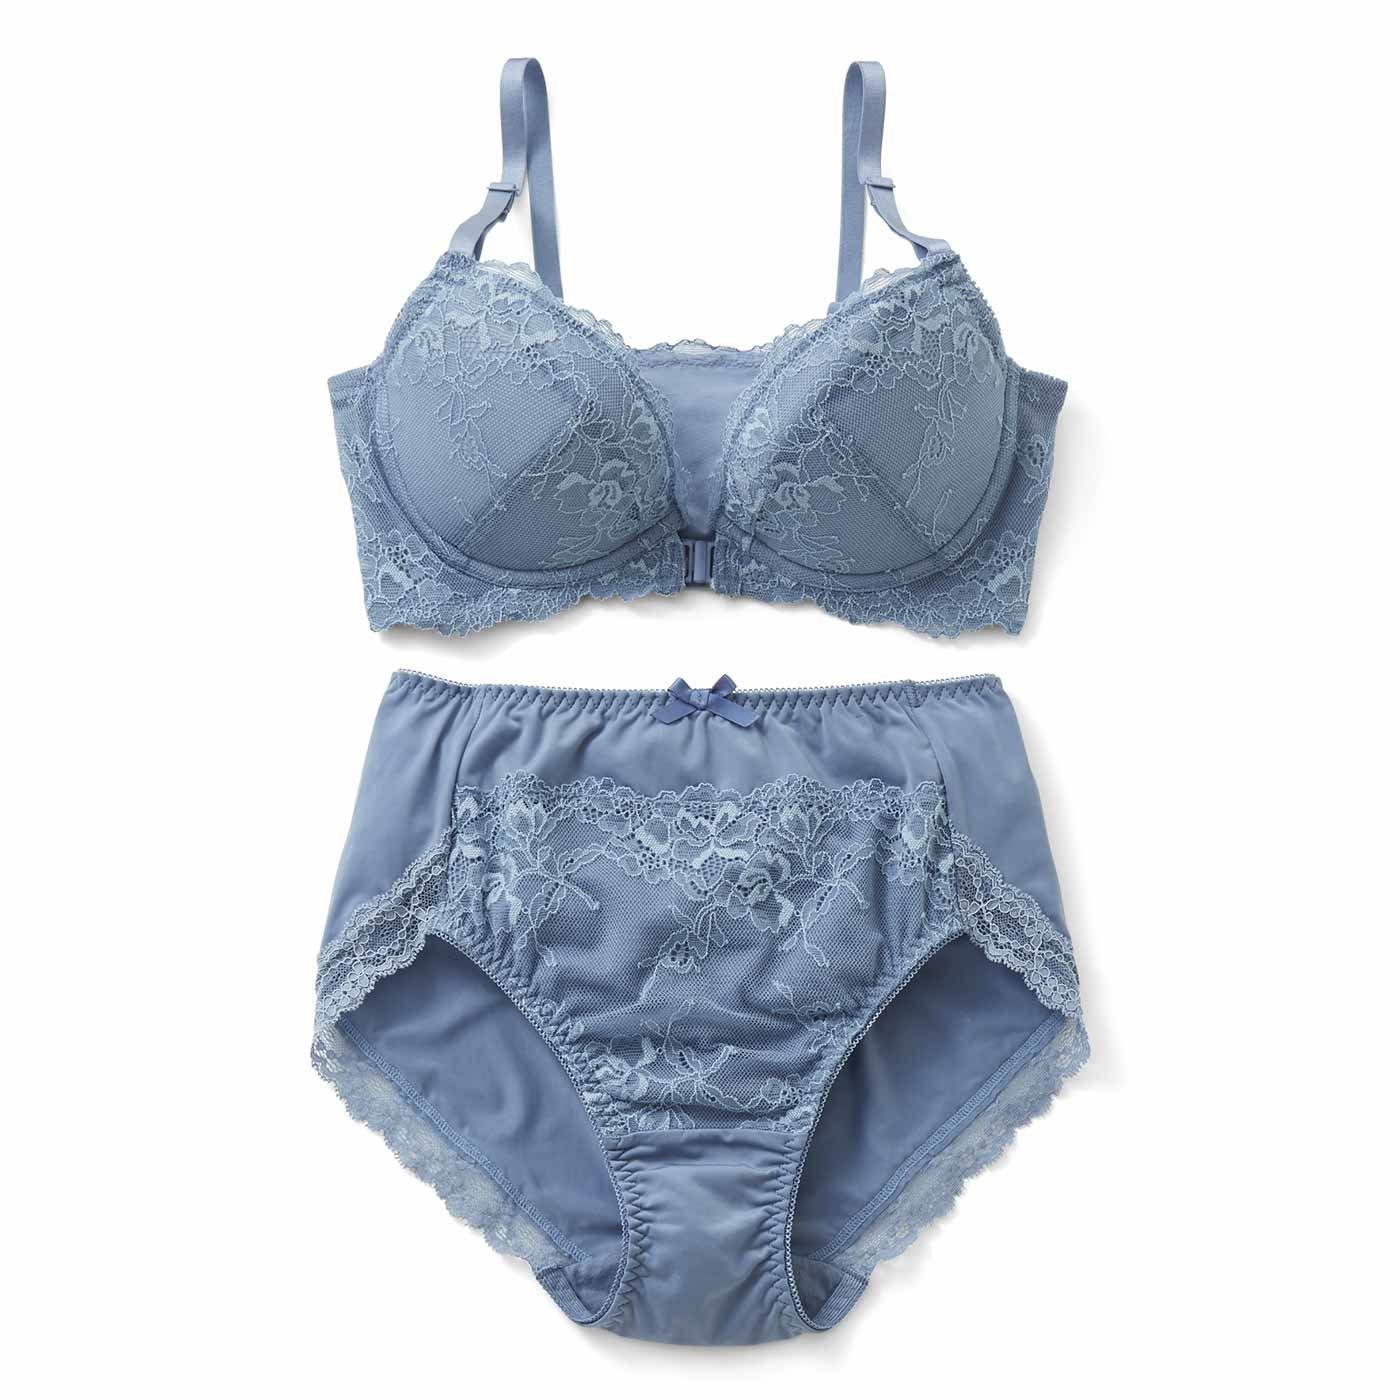 小さい胸さんの わきぷよ段差がきれいに解消 背中すっきり 美人印象ブラ&ショーツの会